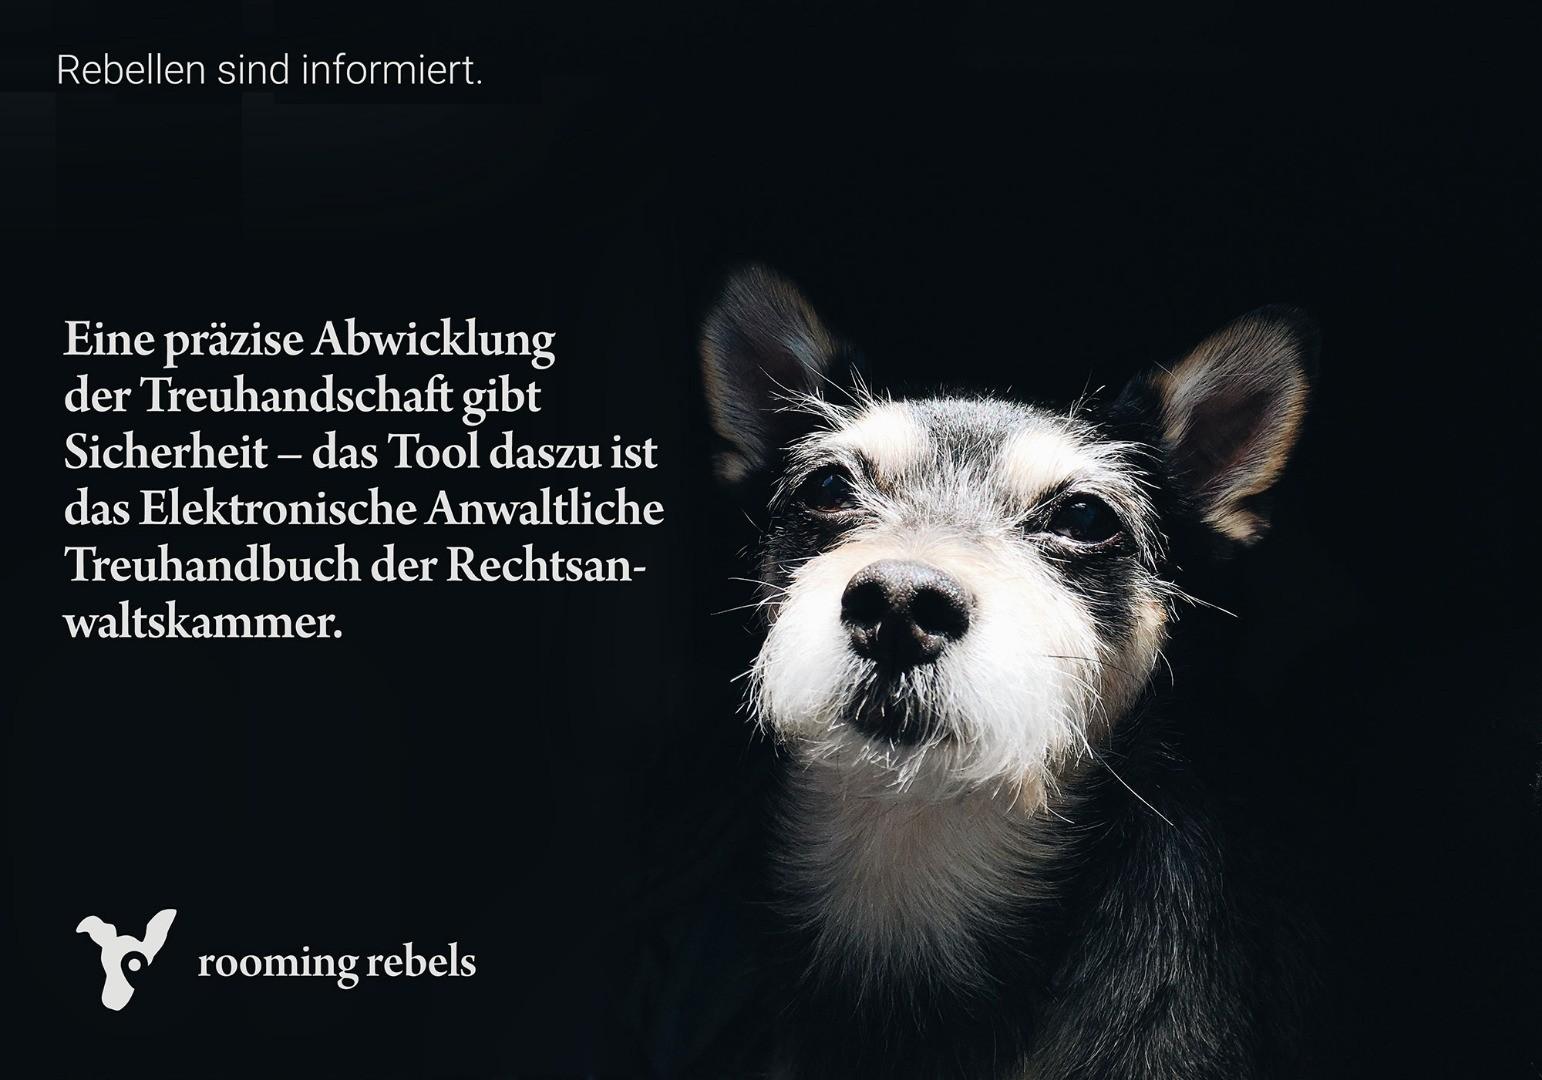 rebellen-sind-informiert_treuhandschaft_2019.02_.jpg